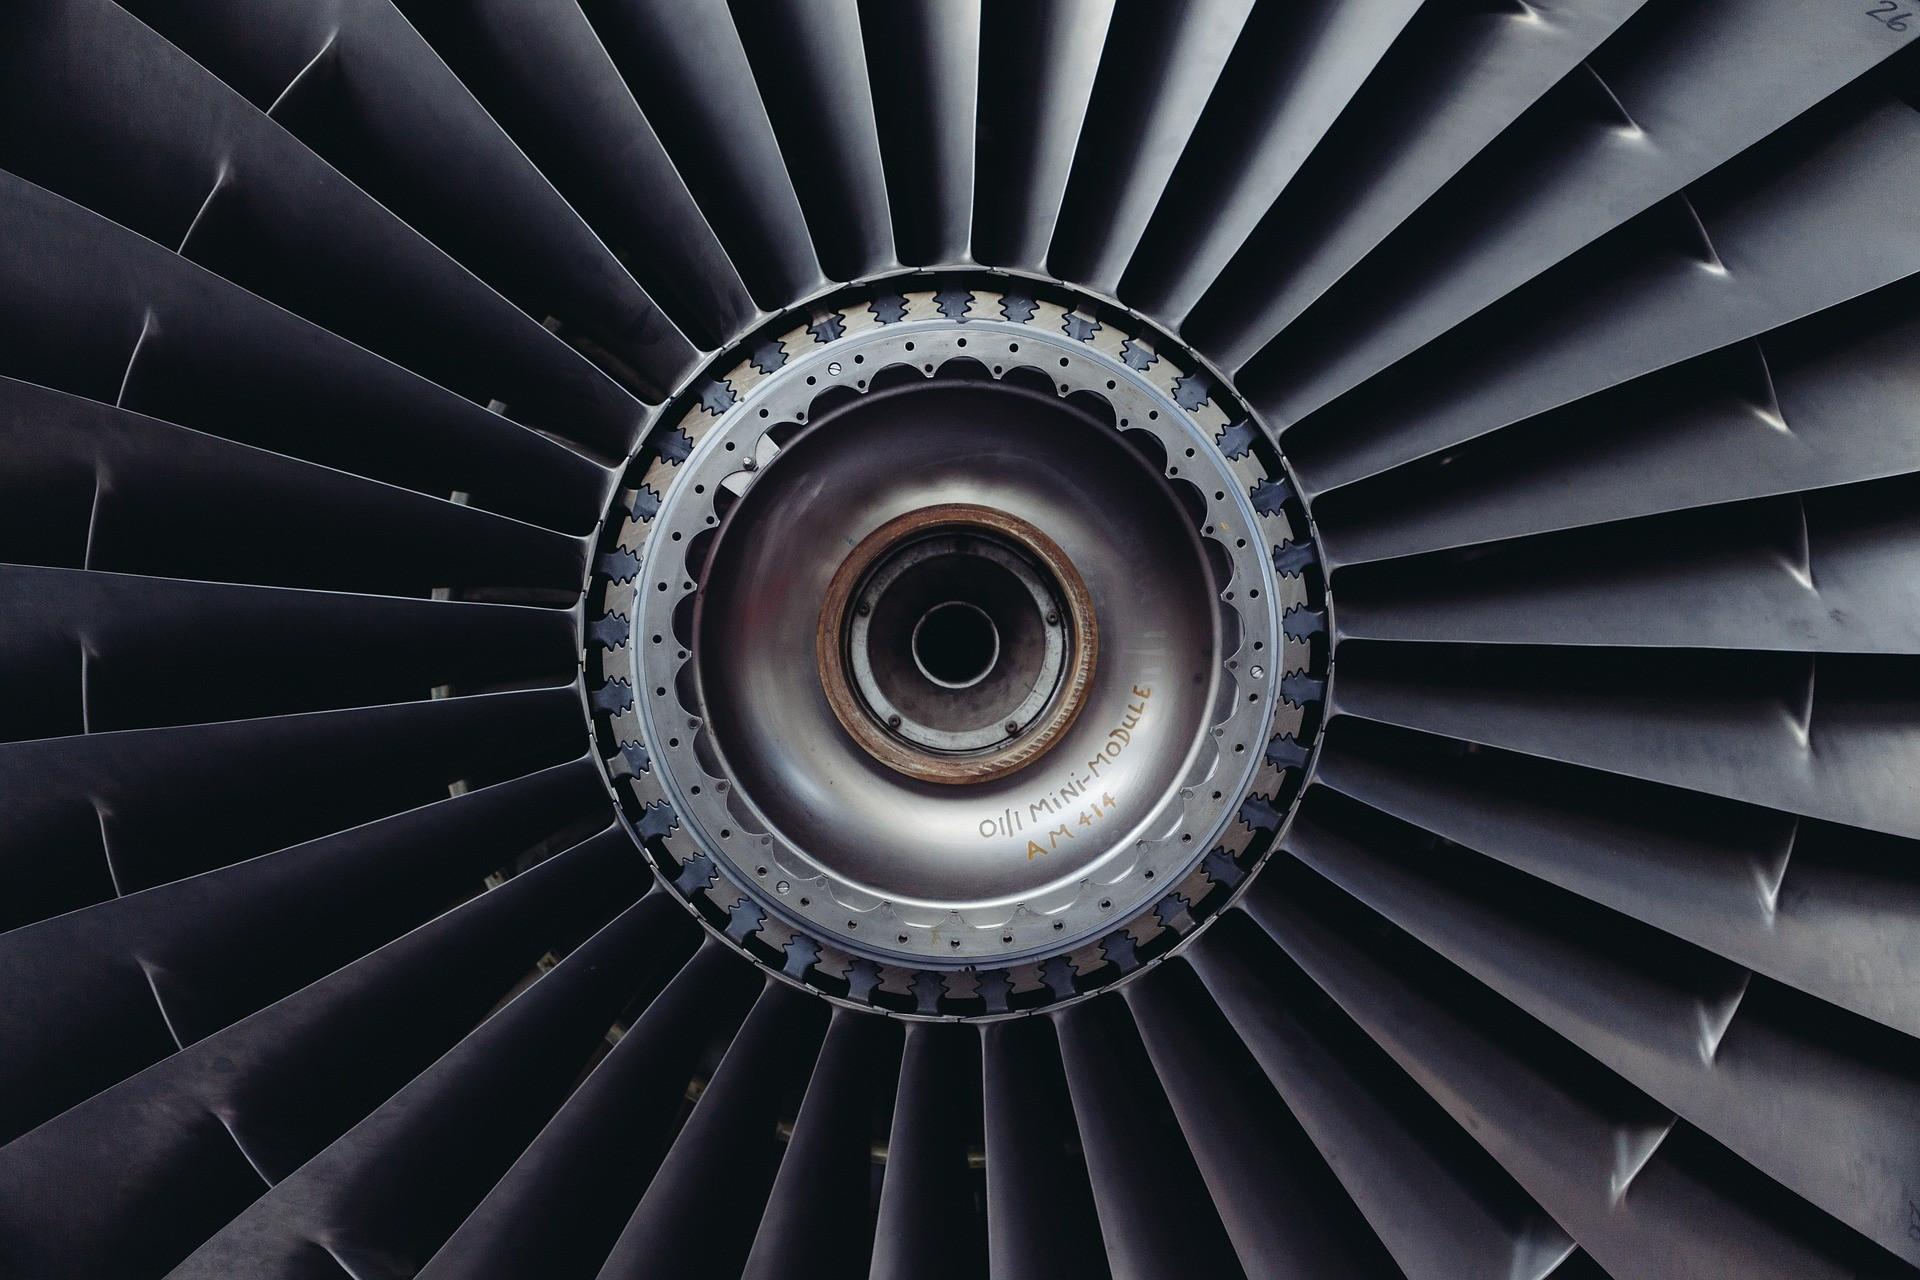 Pânico a bordo: avião tem falha no motor durante voo na Rússia; veja